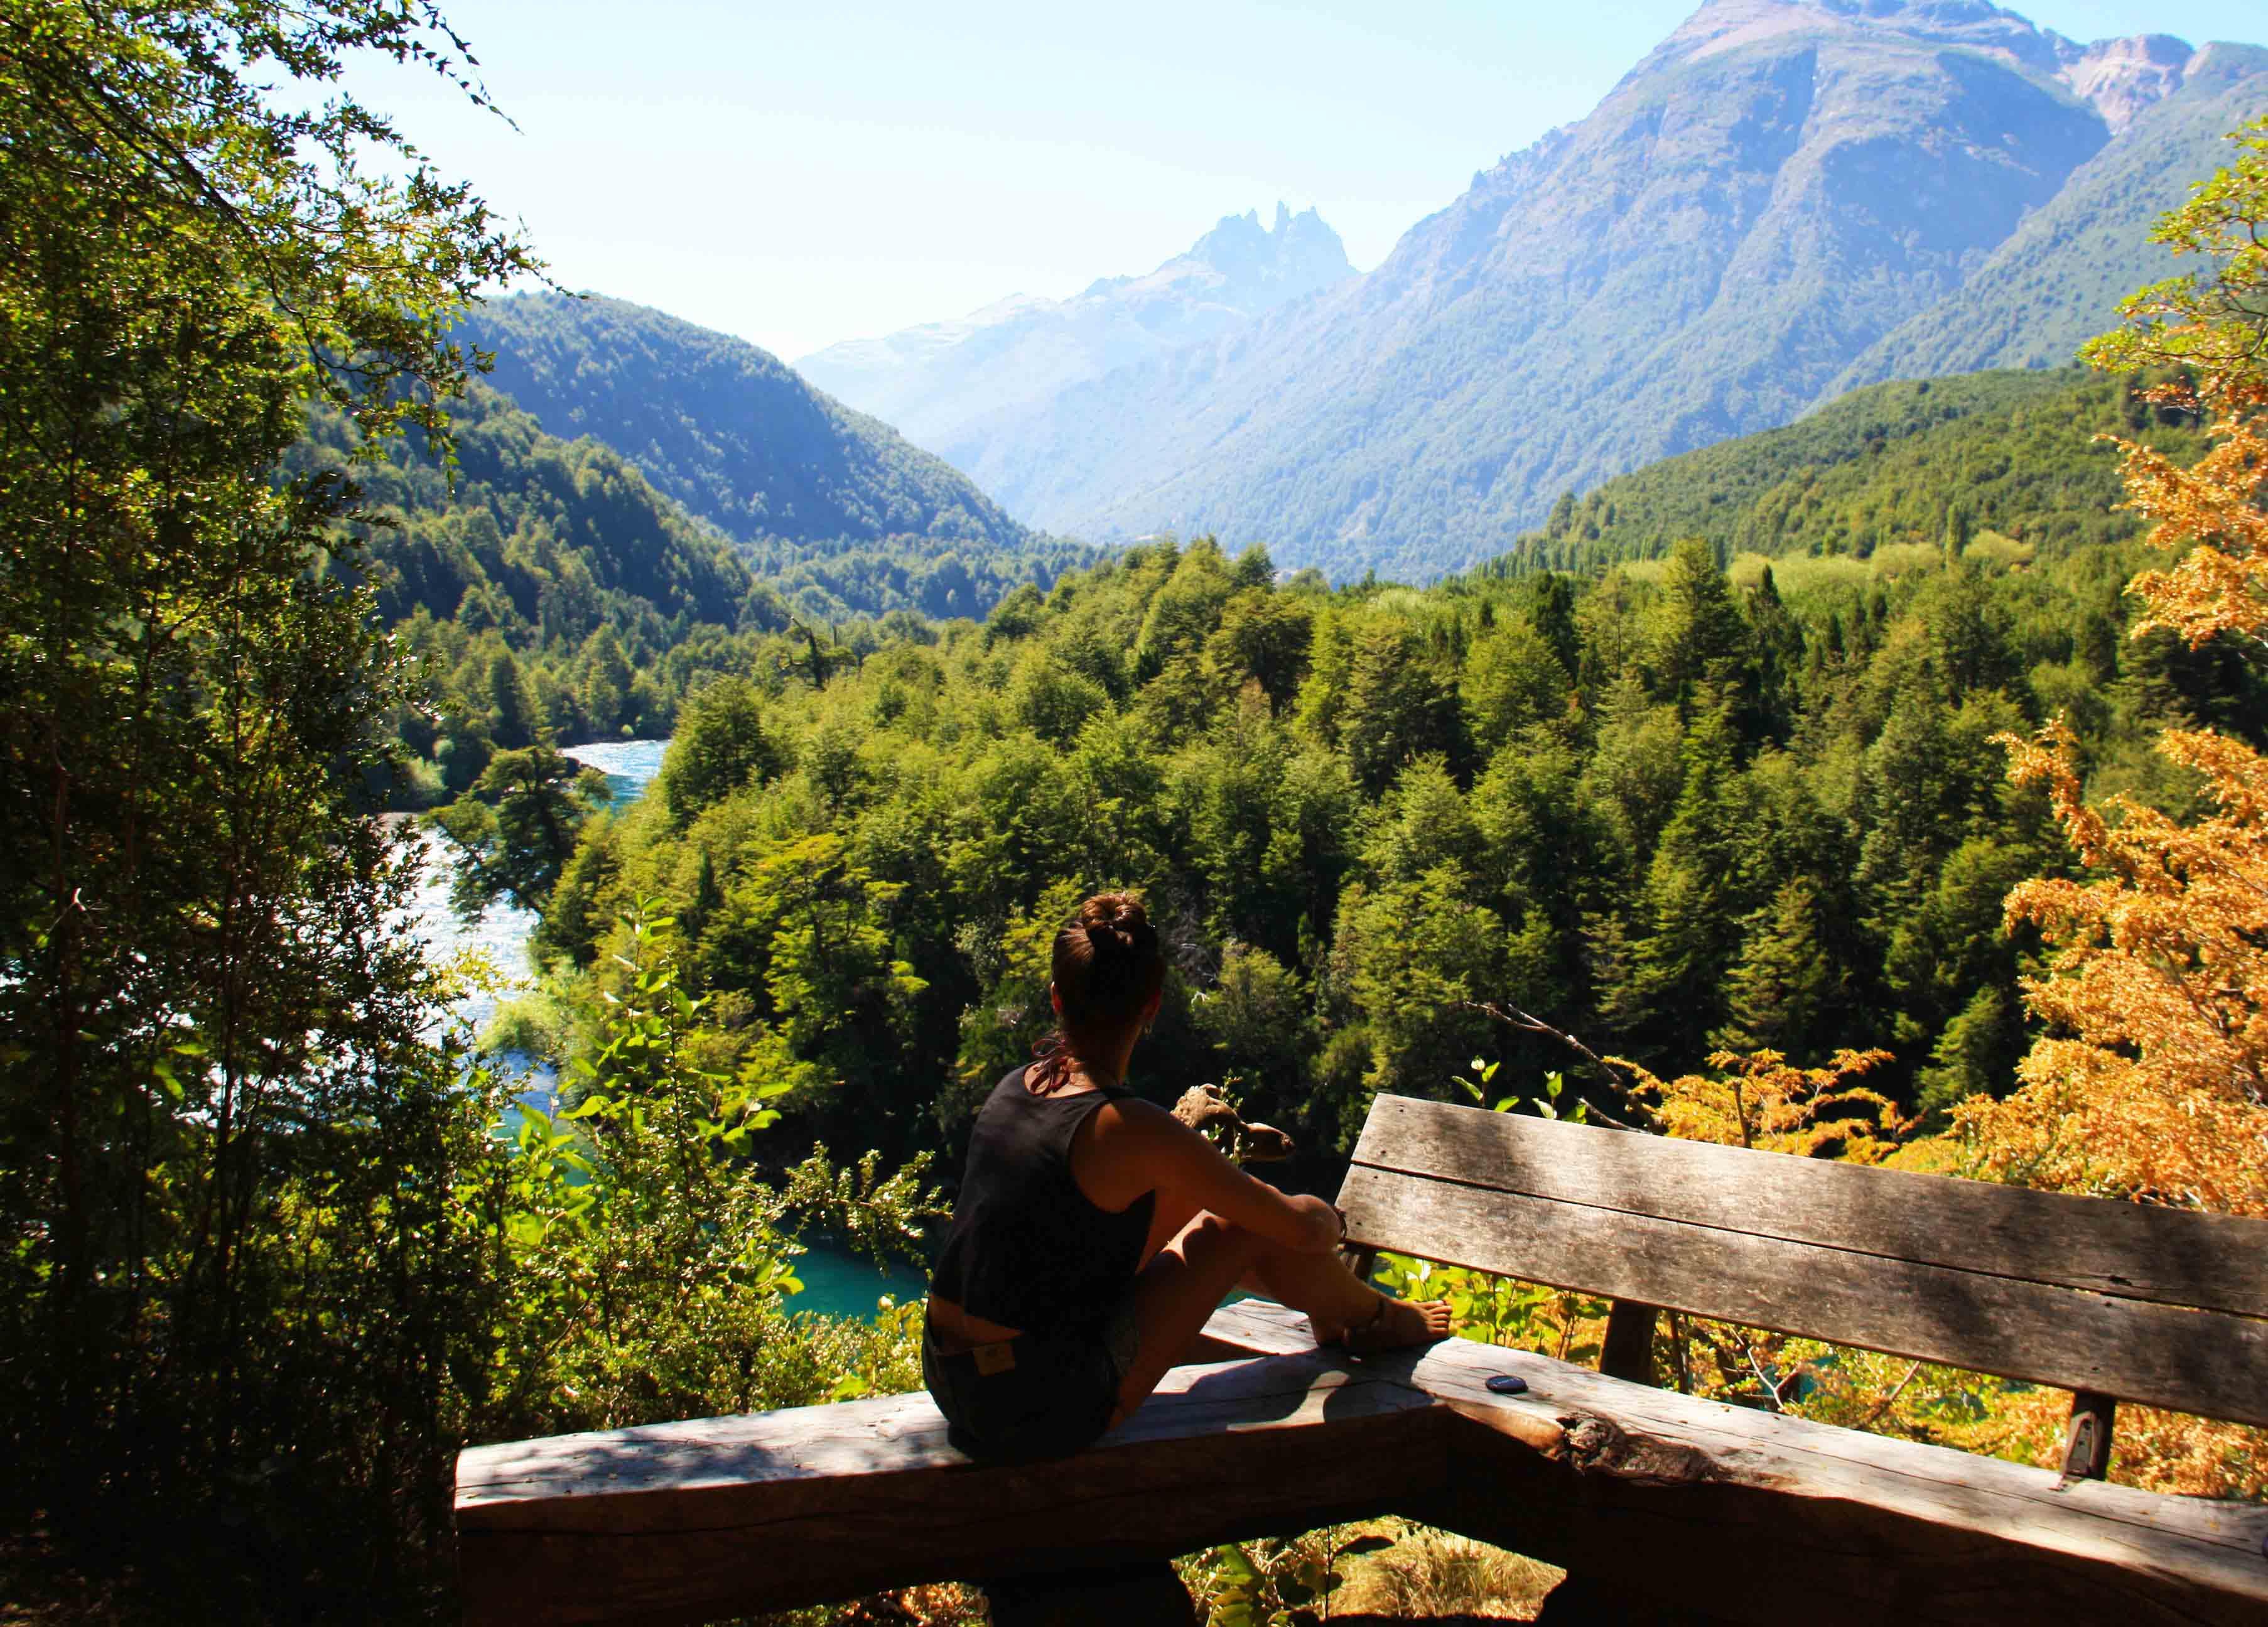 futaleufu_river_mountain_rafting